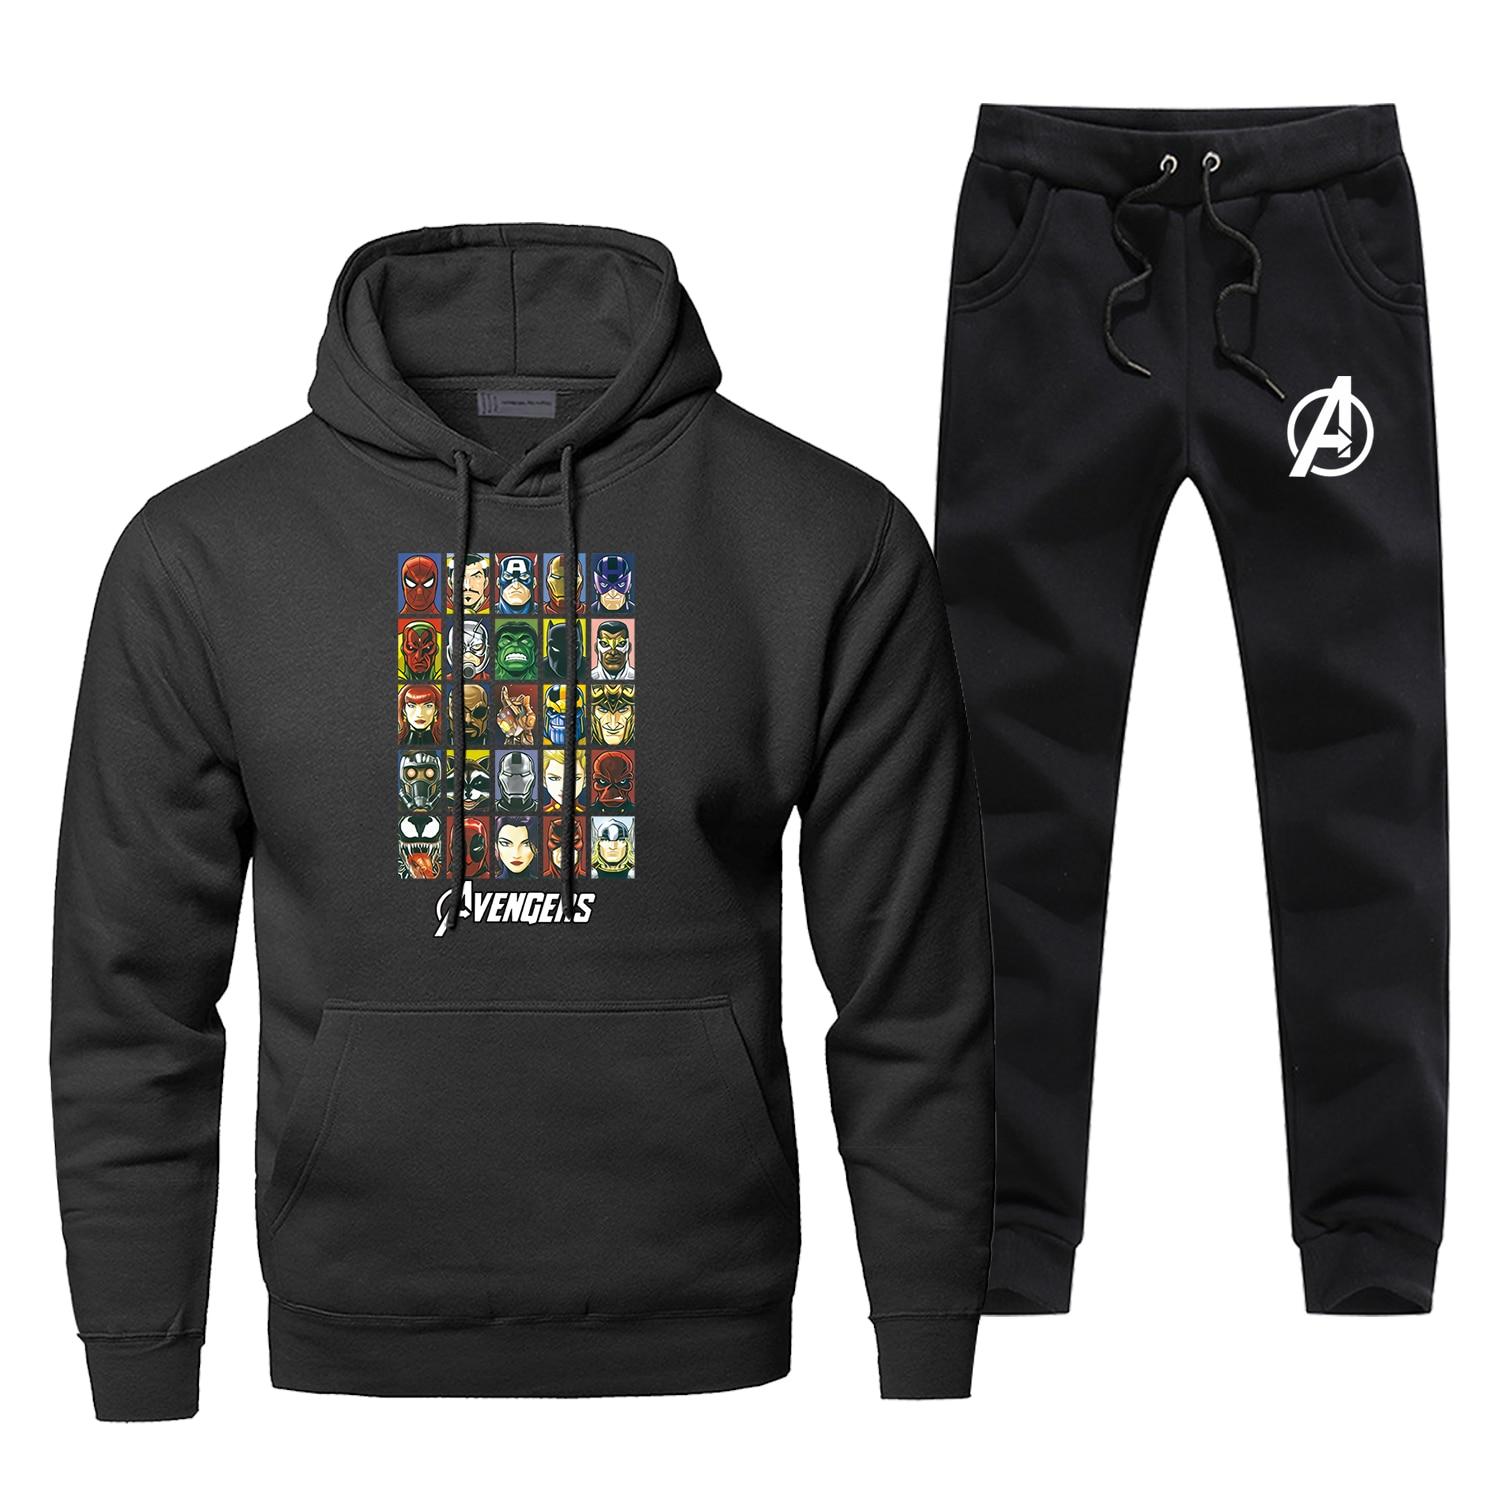 The Avengers Hoodies Pants Suit Men Sets Two Piece Set Tops Pant Sweatshirt Sweatpants Sportswear Spring Autumn 2 PCS Tracksuit